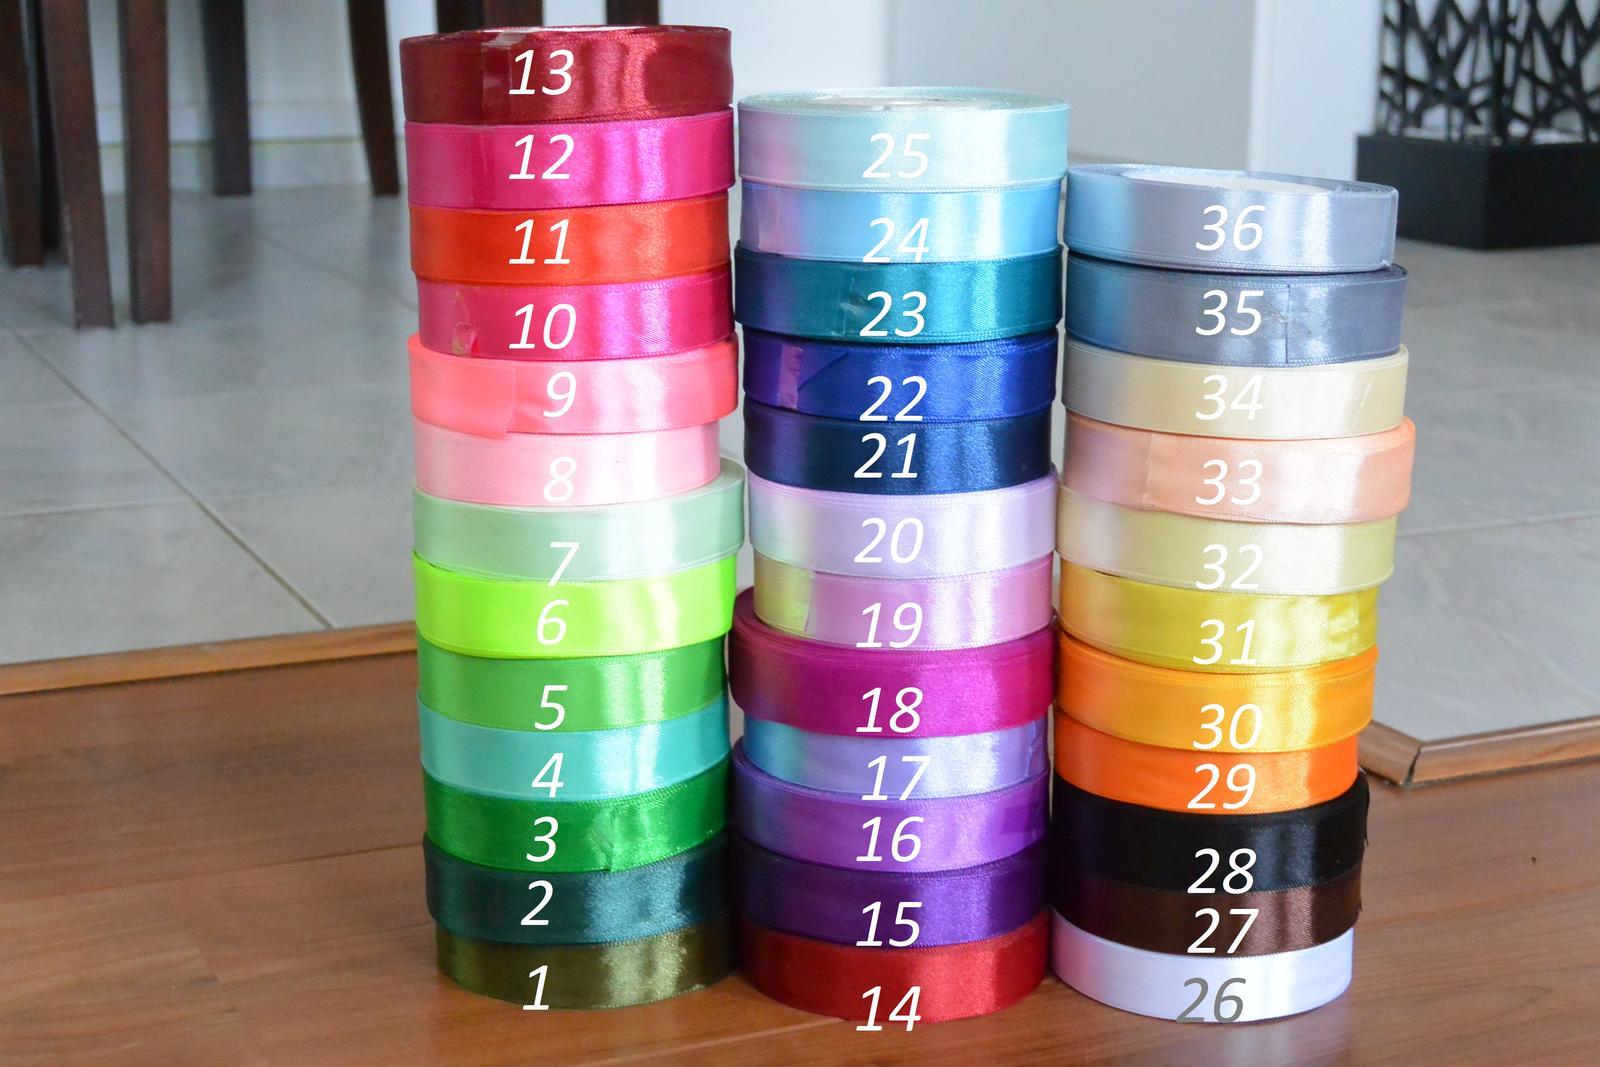 Podvazky- ušiji ve všech barvách! - Stuhy na mašle (vývazky, podvazky, polštářky) .....barva na přání.